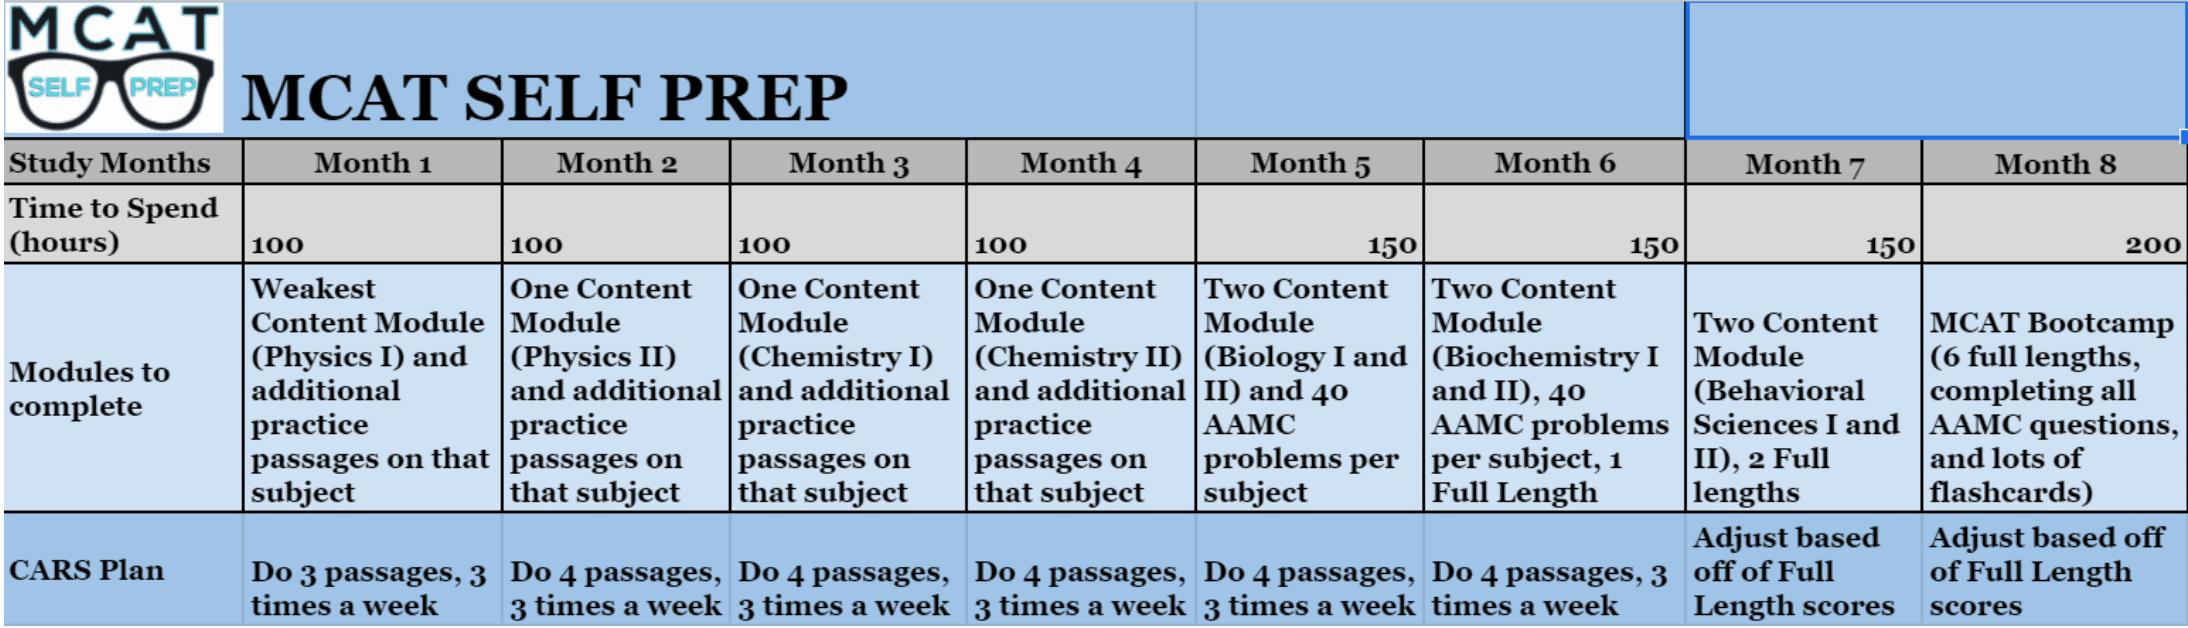 MCAT Study Schedule - 8 months